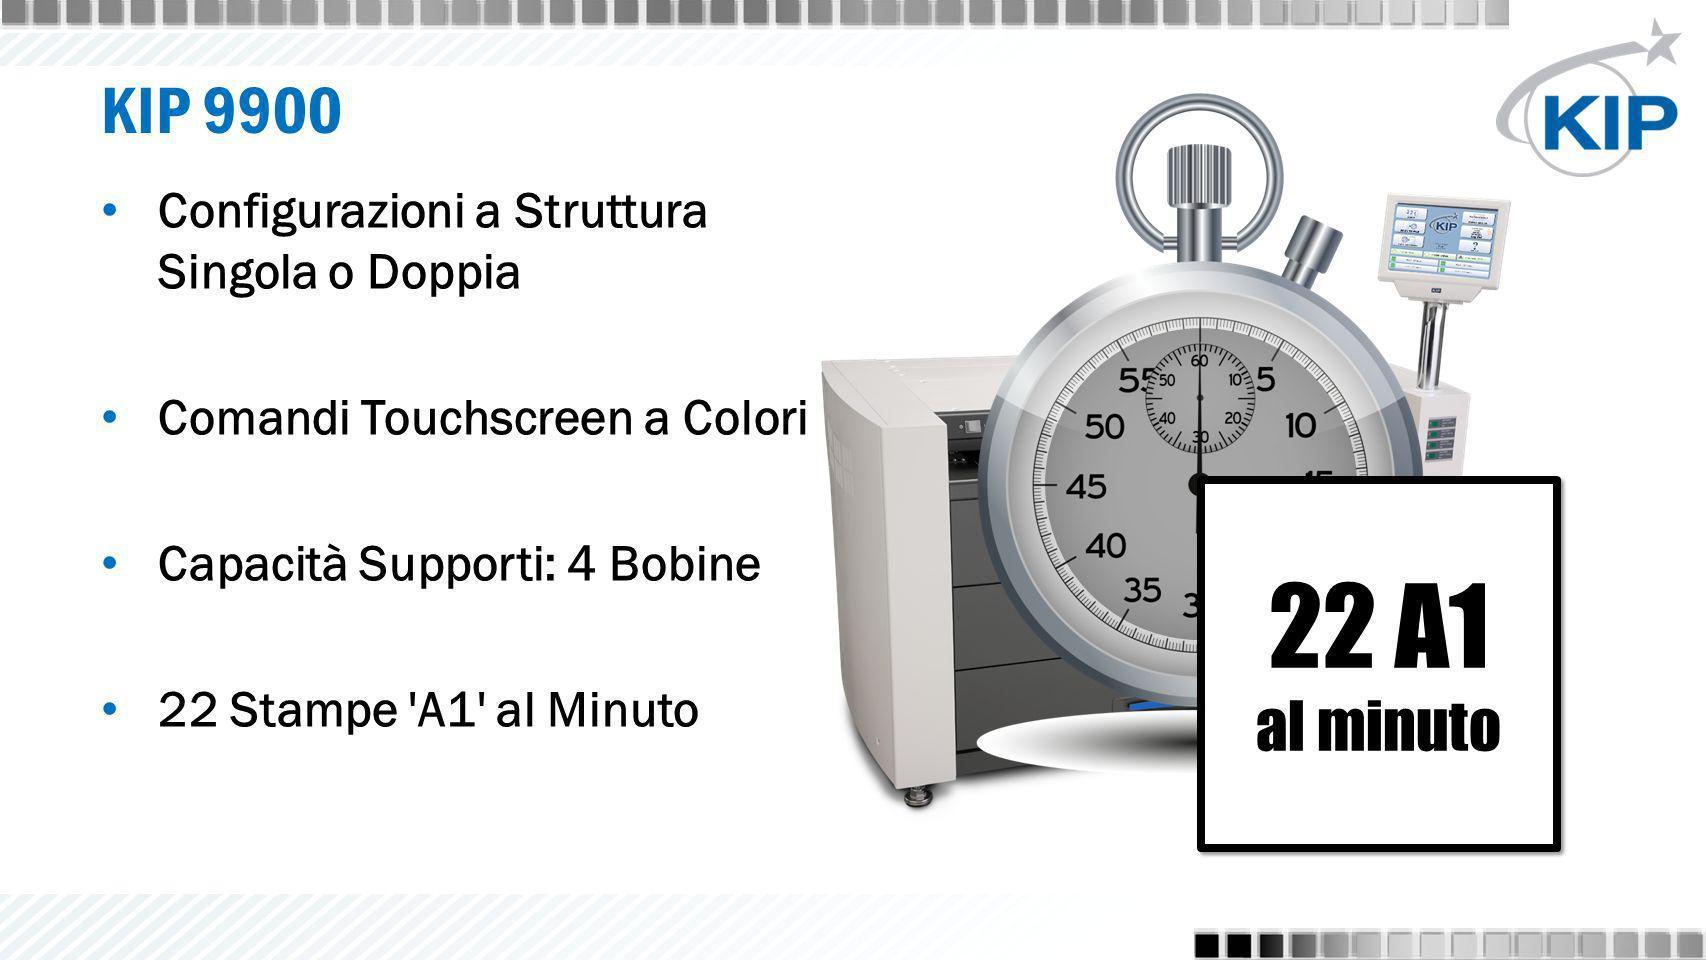 KIP 9900 Configurazioni a Struttura Singola o Doppia Comandi Touchscreen a Colori Capacità Supporti: 4 Bobine 22 Stampe 'A1' al Minuto 22 A1 al minuto